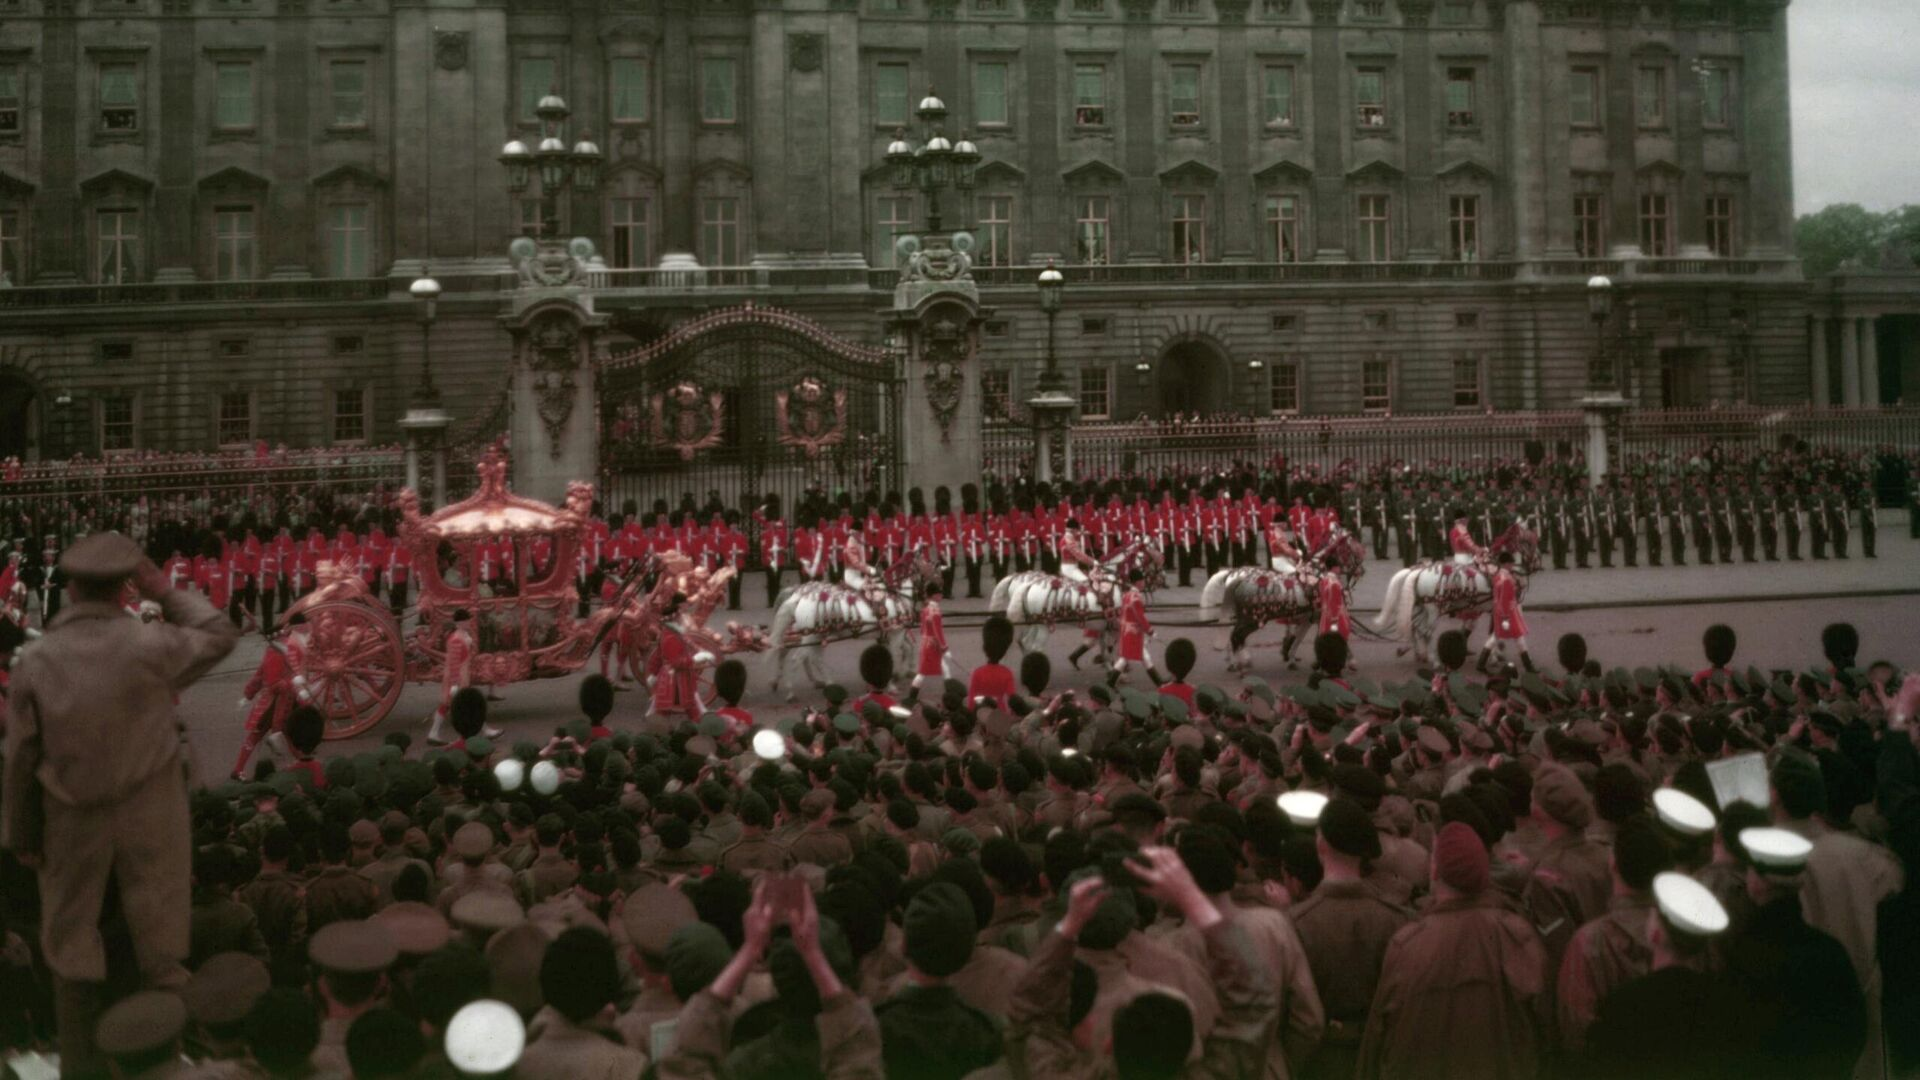 El carruaje de la reina Isabel II pasa por el Palacio de Buckingham al comienzo del viaje procesional a la Abadía de Westminster para la ceremonia de coronación el 2 de junio de 1953 - Sputnik Mundo, 1920, 02.06.2021